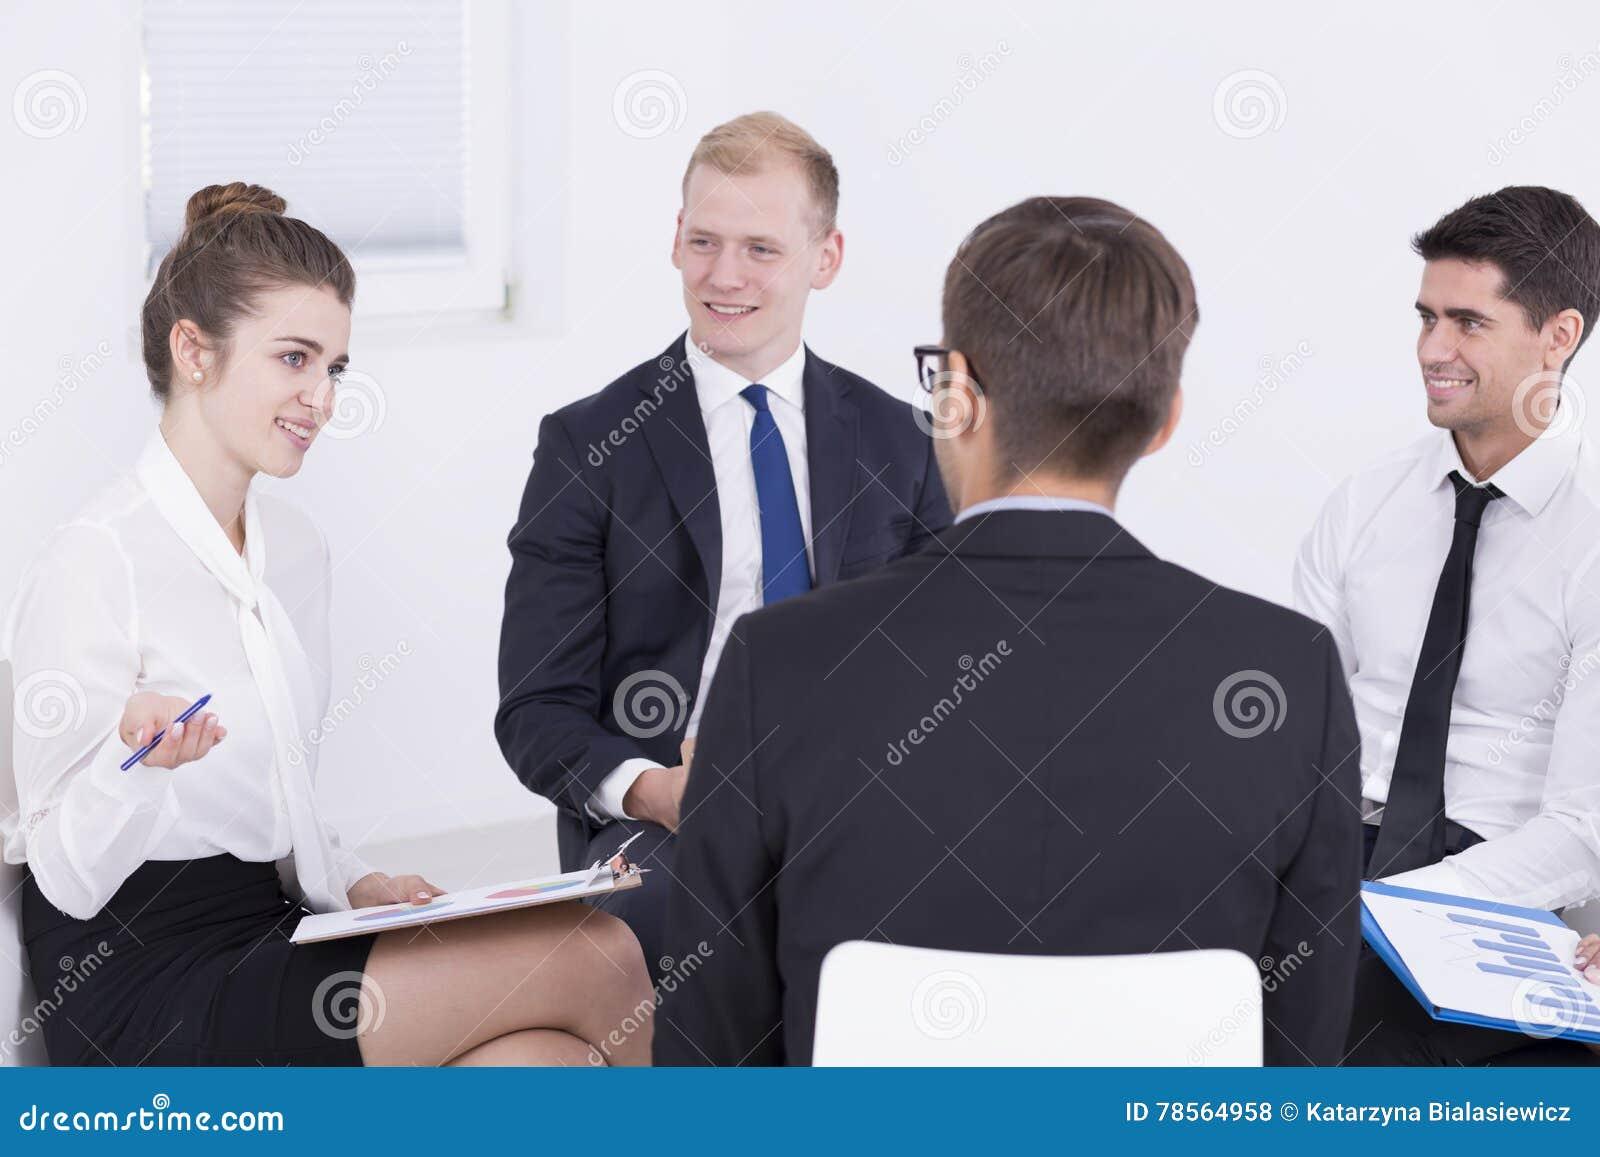 Επιχειρησιακή συνεδρίαση σε μια συμπαθητική ατμόσφαιρα